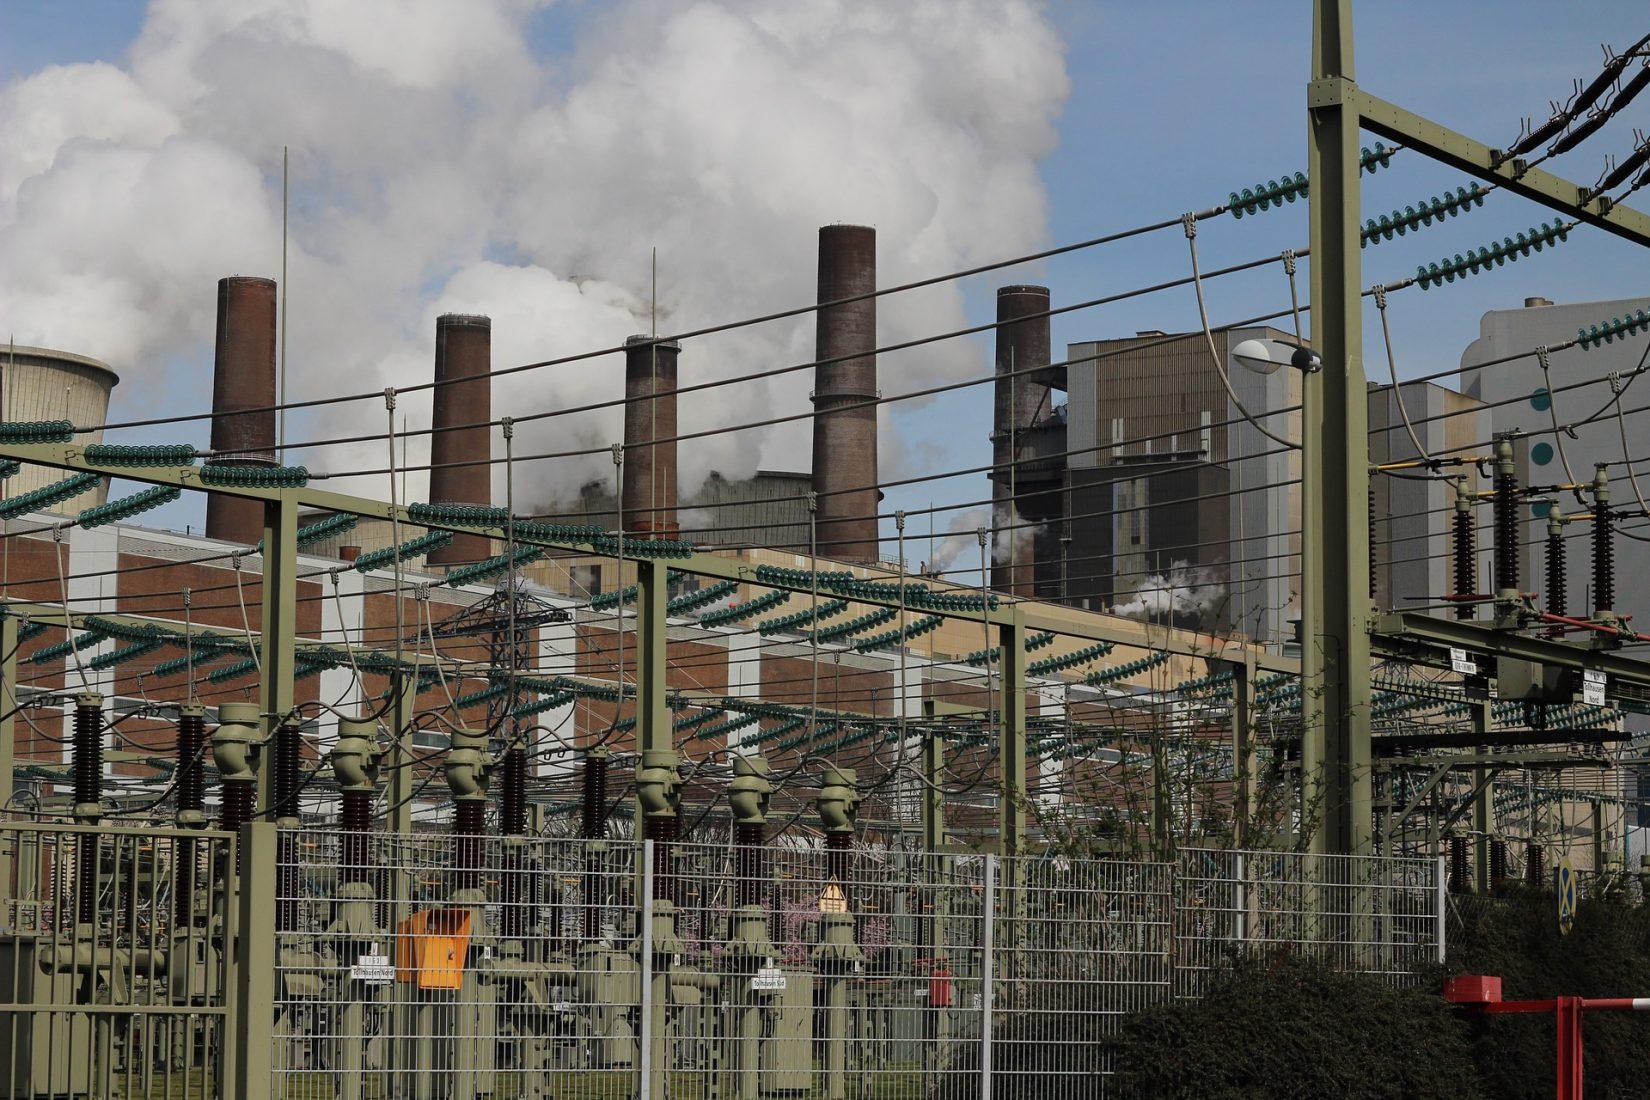 Große Mengen an verwertbaren Aschen und Schlacken fallen zum Beispiel in Kohlekraftwerken wie hier in Bergheim-Niederaußem an. Foto: Pixabay